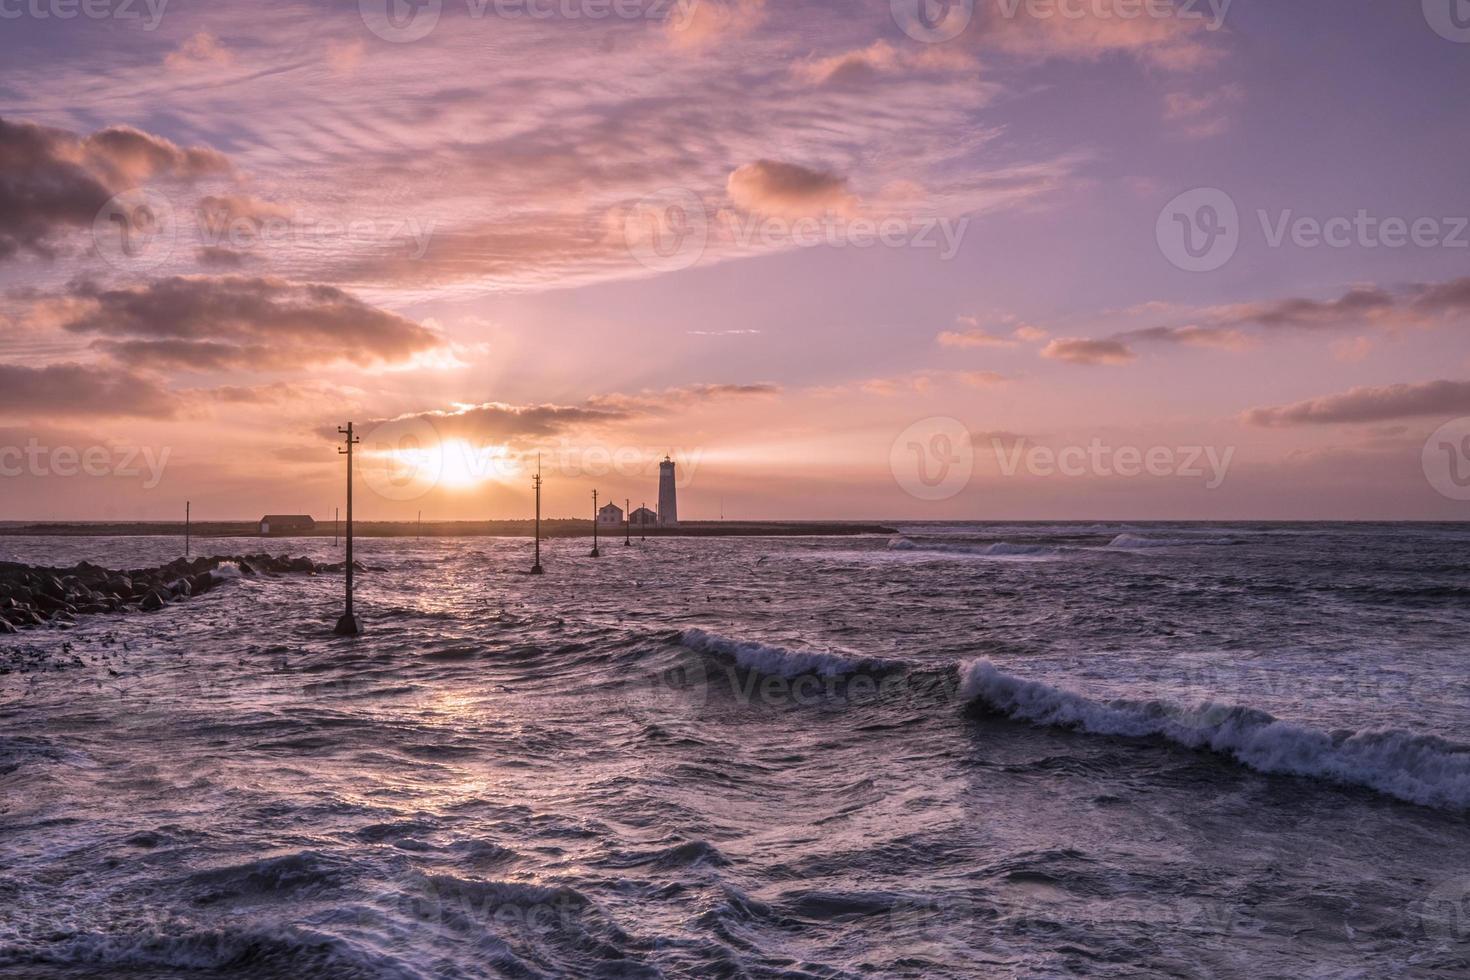 tramonto al faro foto